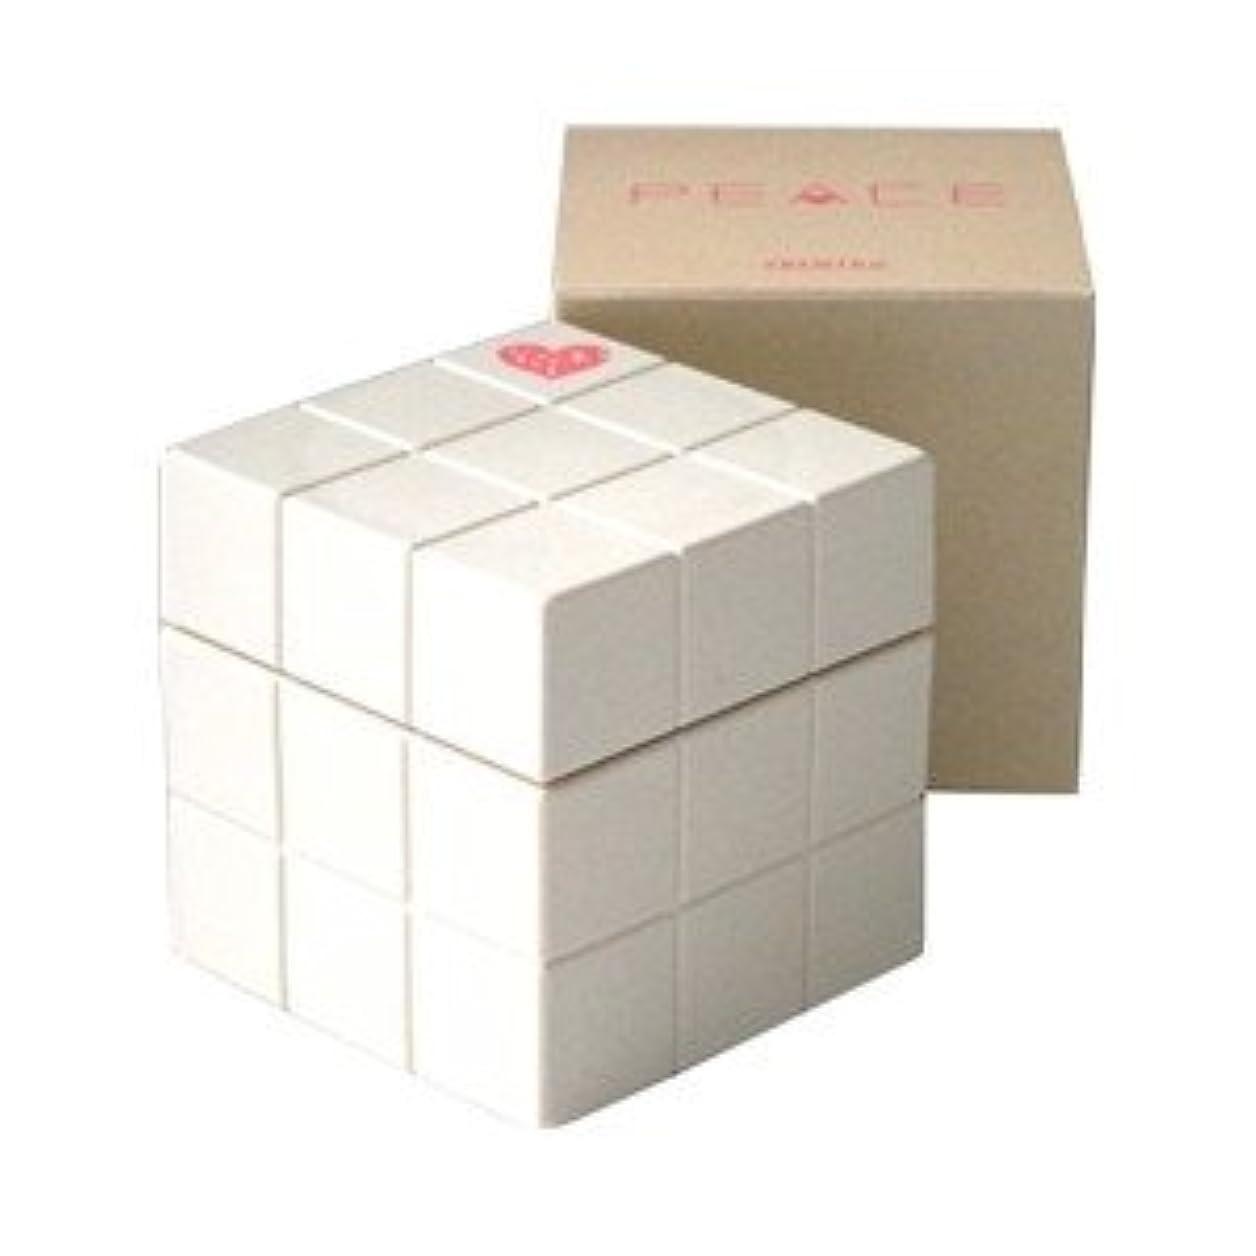 スタッフ求人不忠アリミノ ピース ニュアンス wax (バニラ) 80g